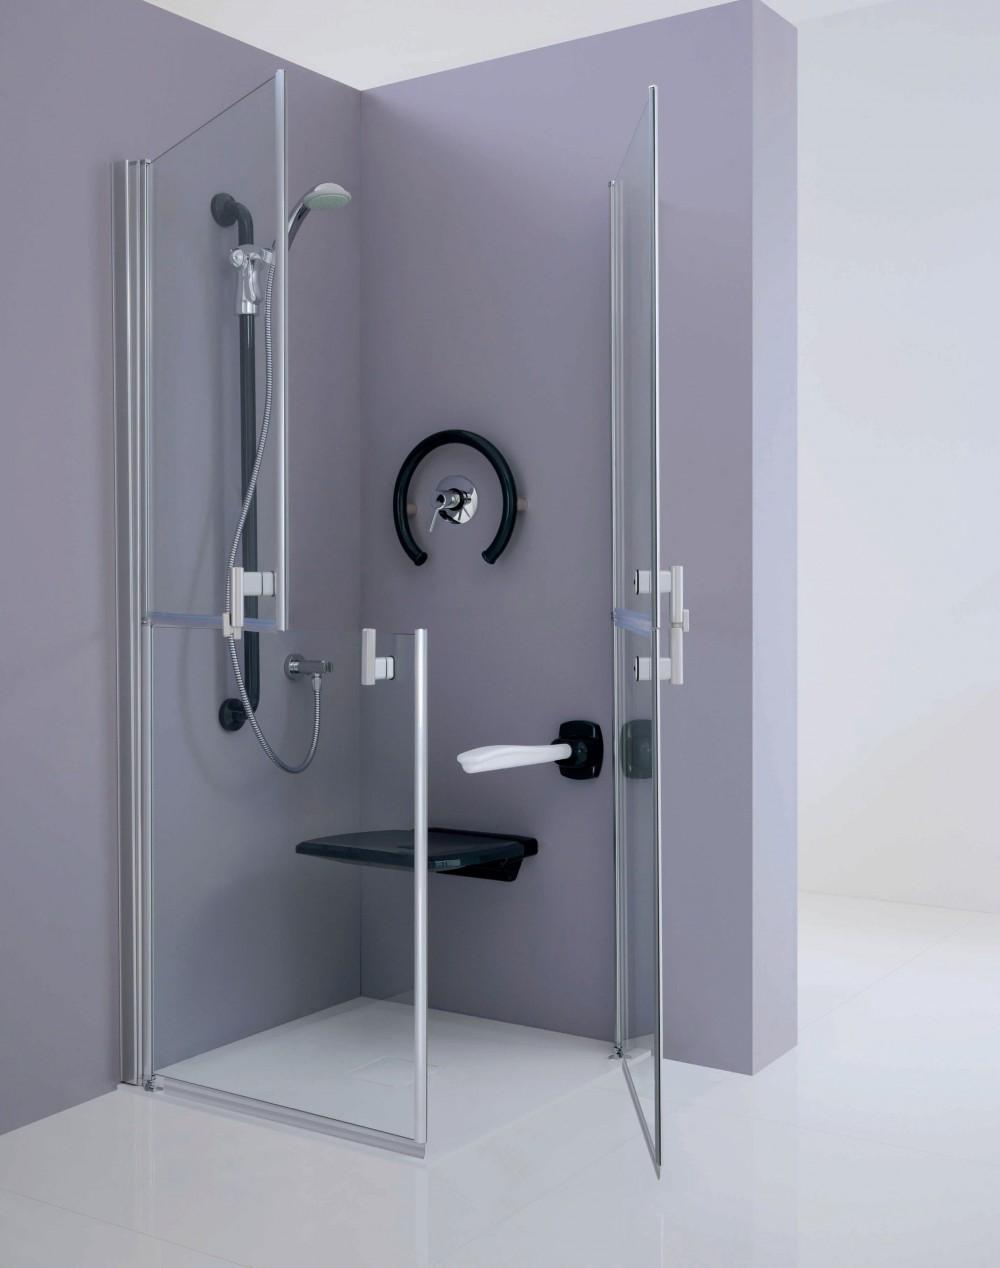 Design for all il bagno - Ponte giulio bagno disabili ...